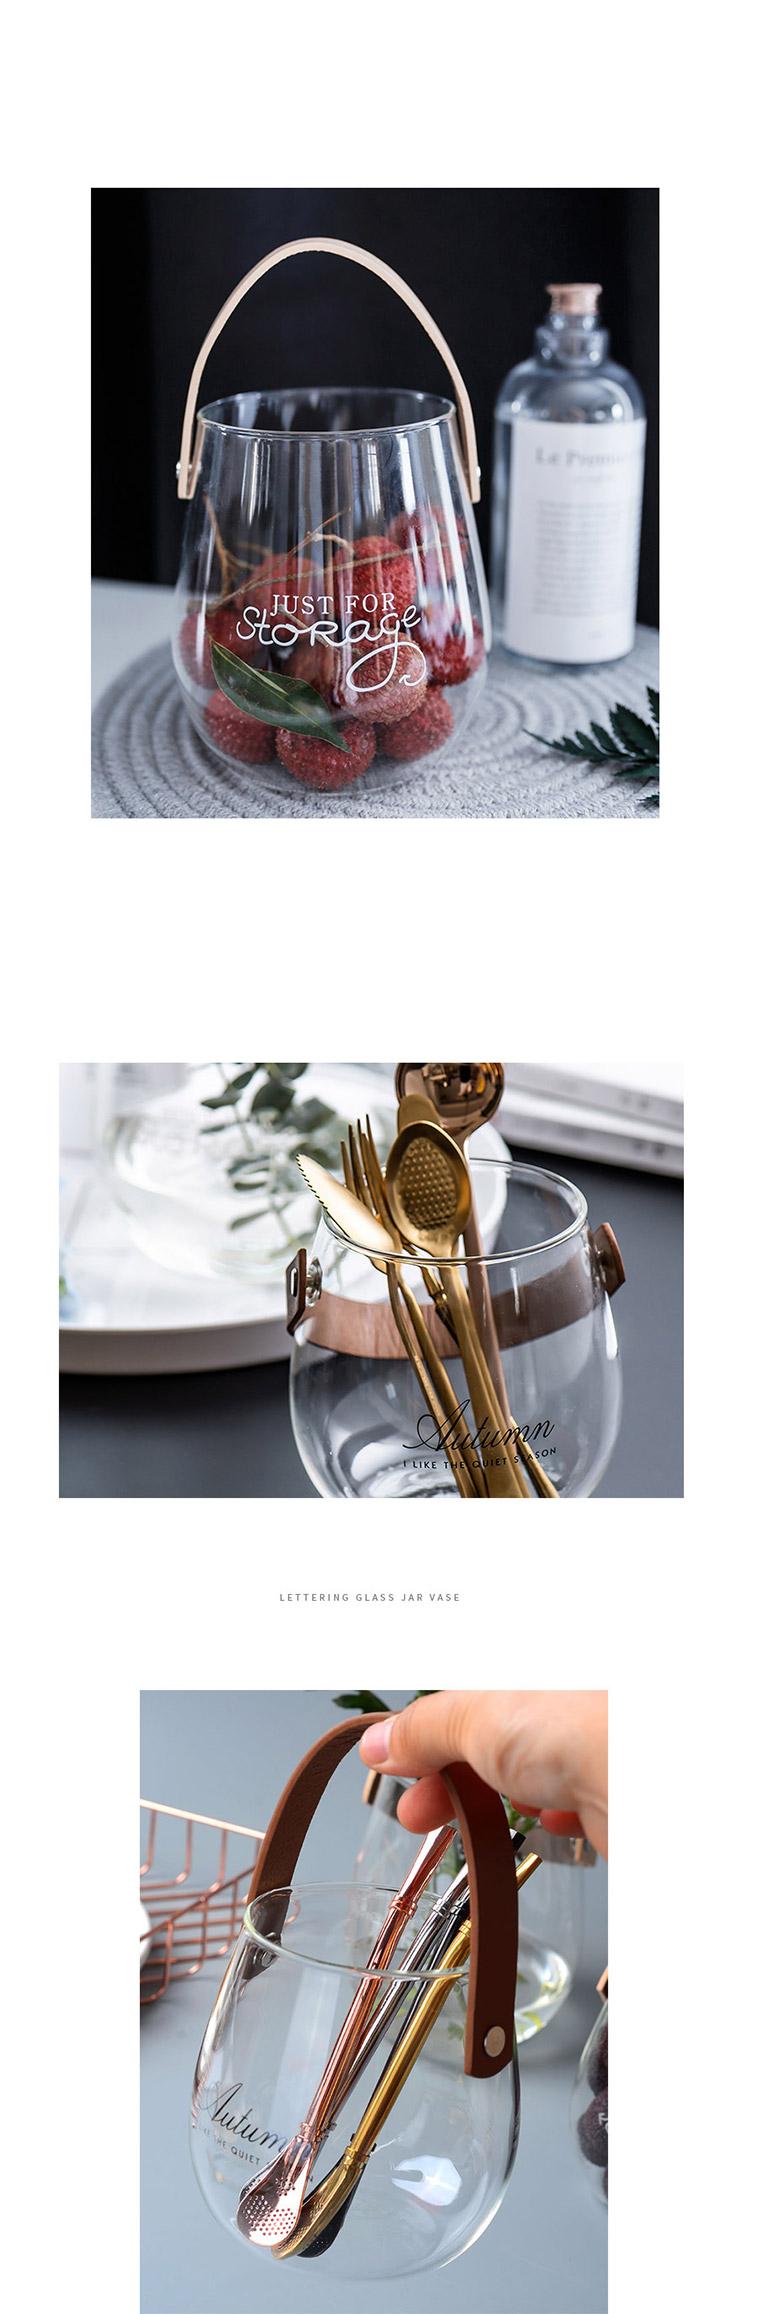 레터링 유리 항아리 꽃병 S size10,900원-사인모아인테리어, 캔들/디퓨져, 캔들용품, 홀더/촛대바보사랑레터링 유리 항아리 꽃병 S size10,900원-사인모아인테리어, 캔들/디퓨져, 캔들용품, 홀더/촛대바보사랑